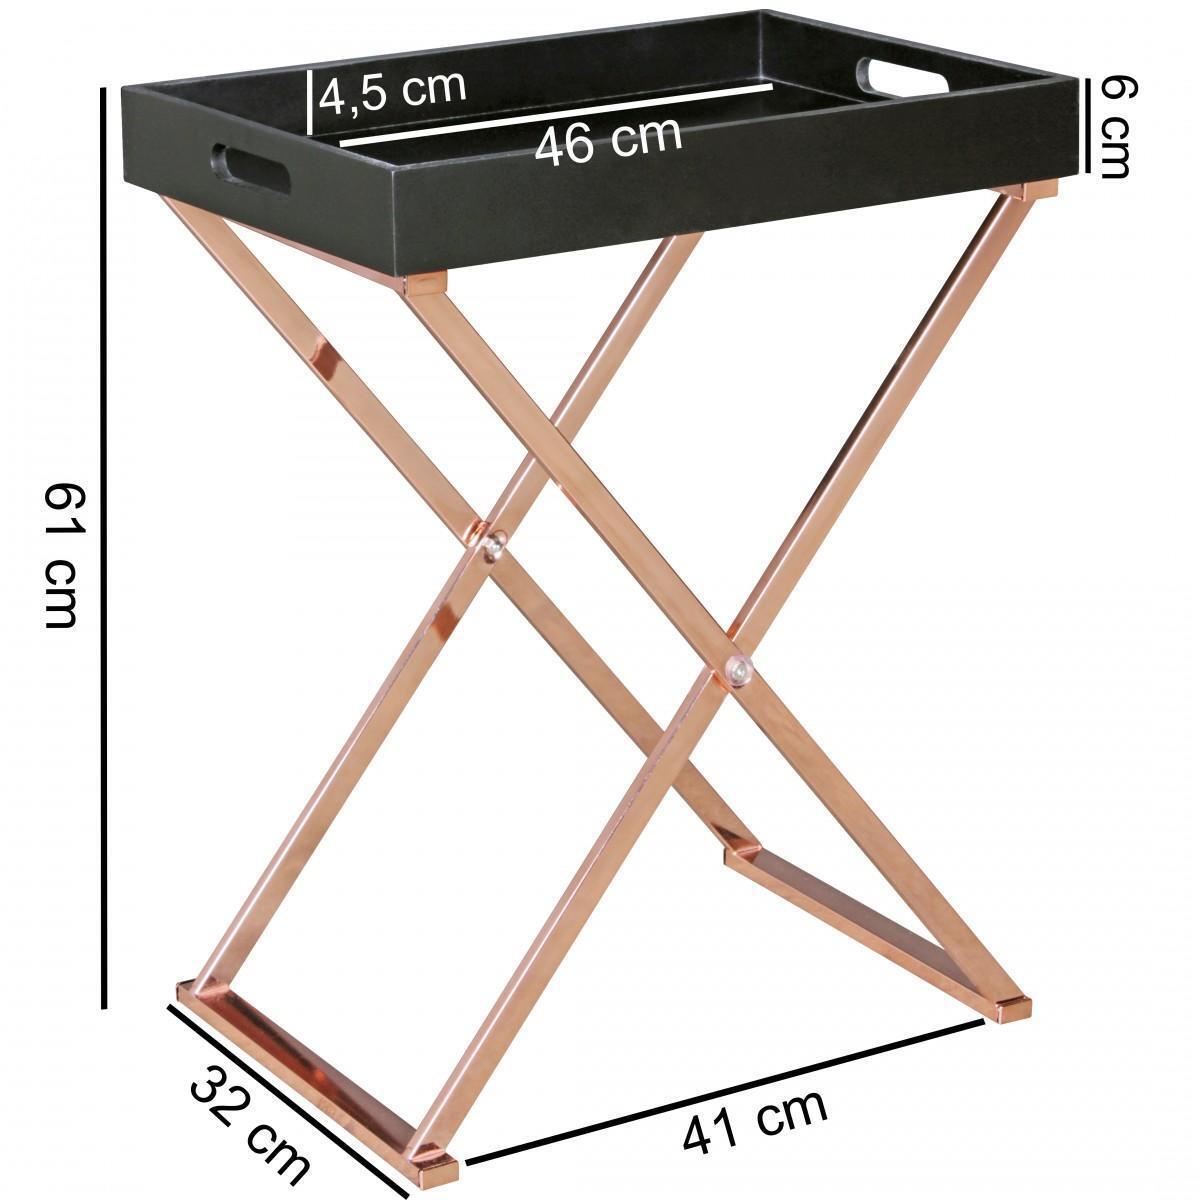 Bild 3 von WOHNLING Beistelltisch TV-Tray